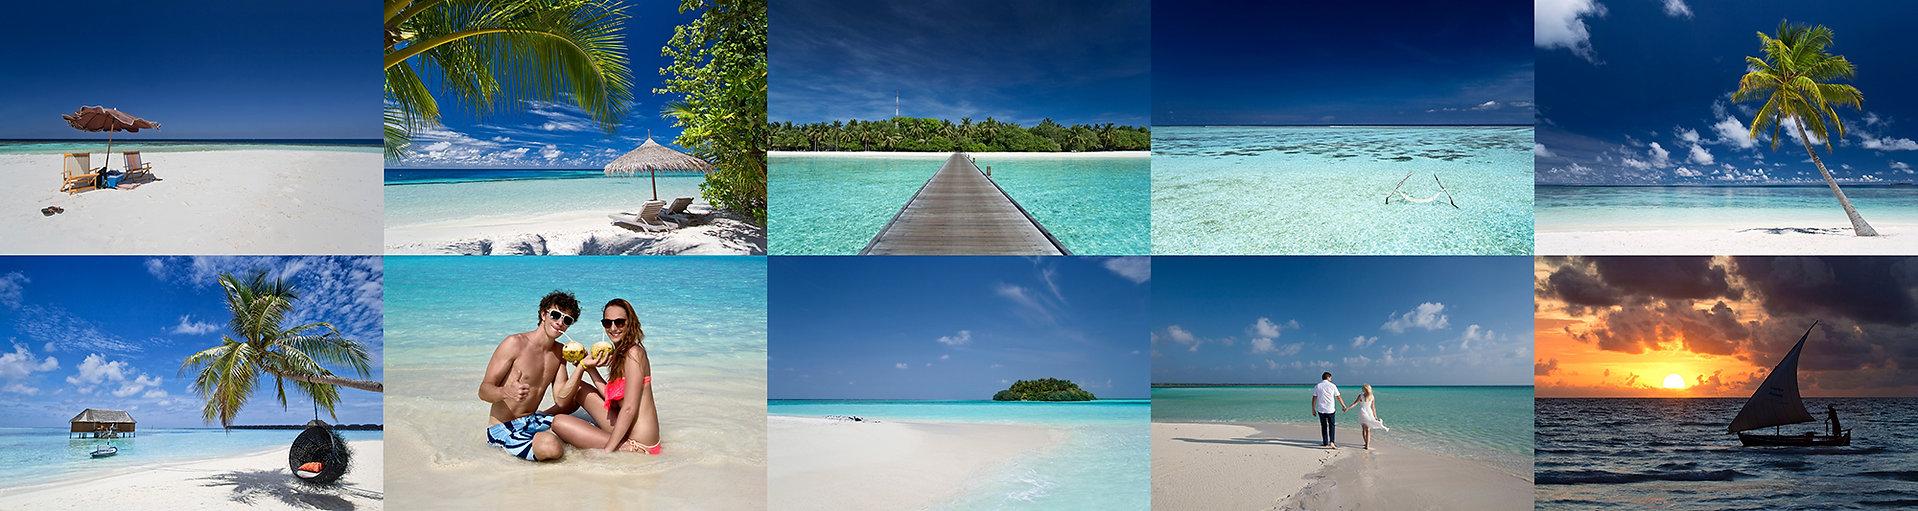 Dovolená na Maledivách bez dětí.